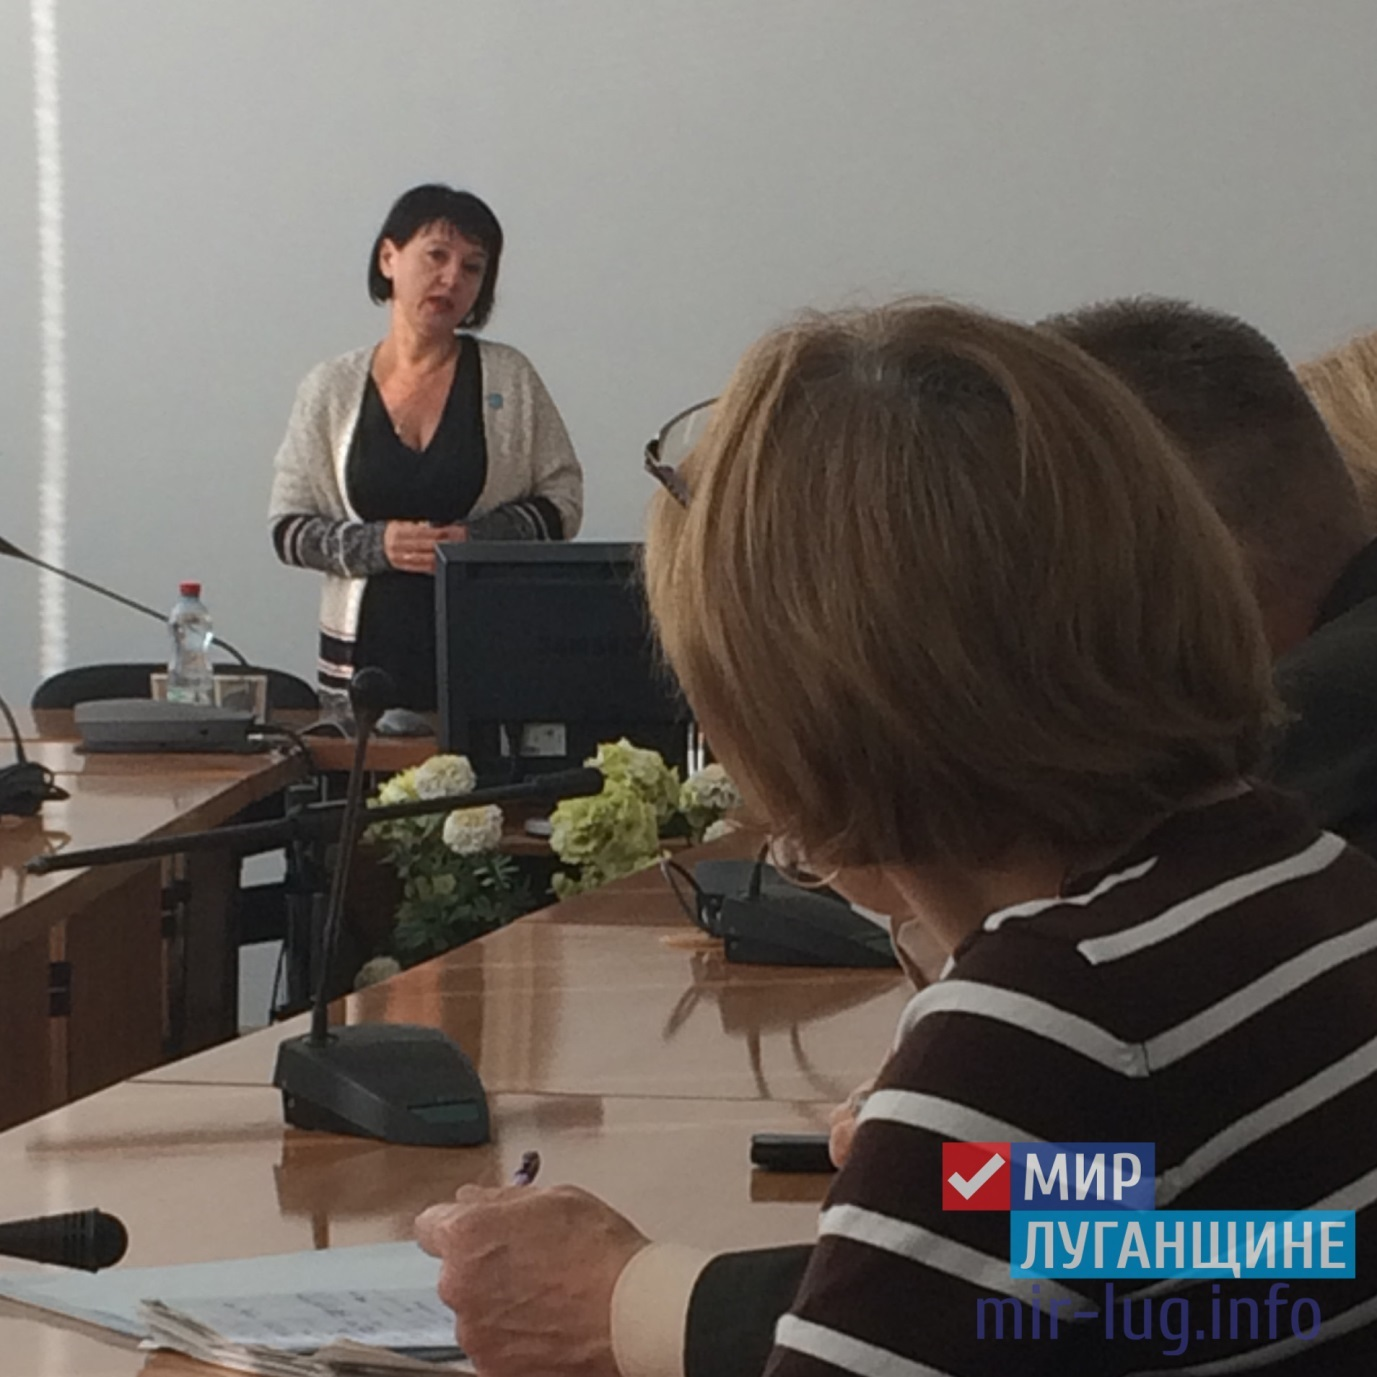 """""""Мир Луганщине"""" провел встречу с сотрудниками ООО """"ЛТК"""" 1"""